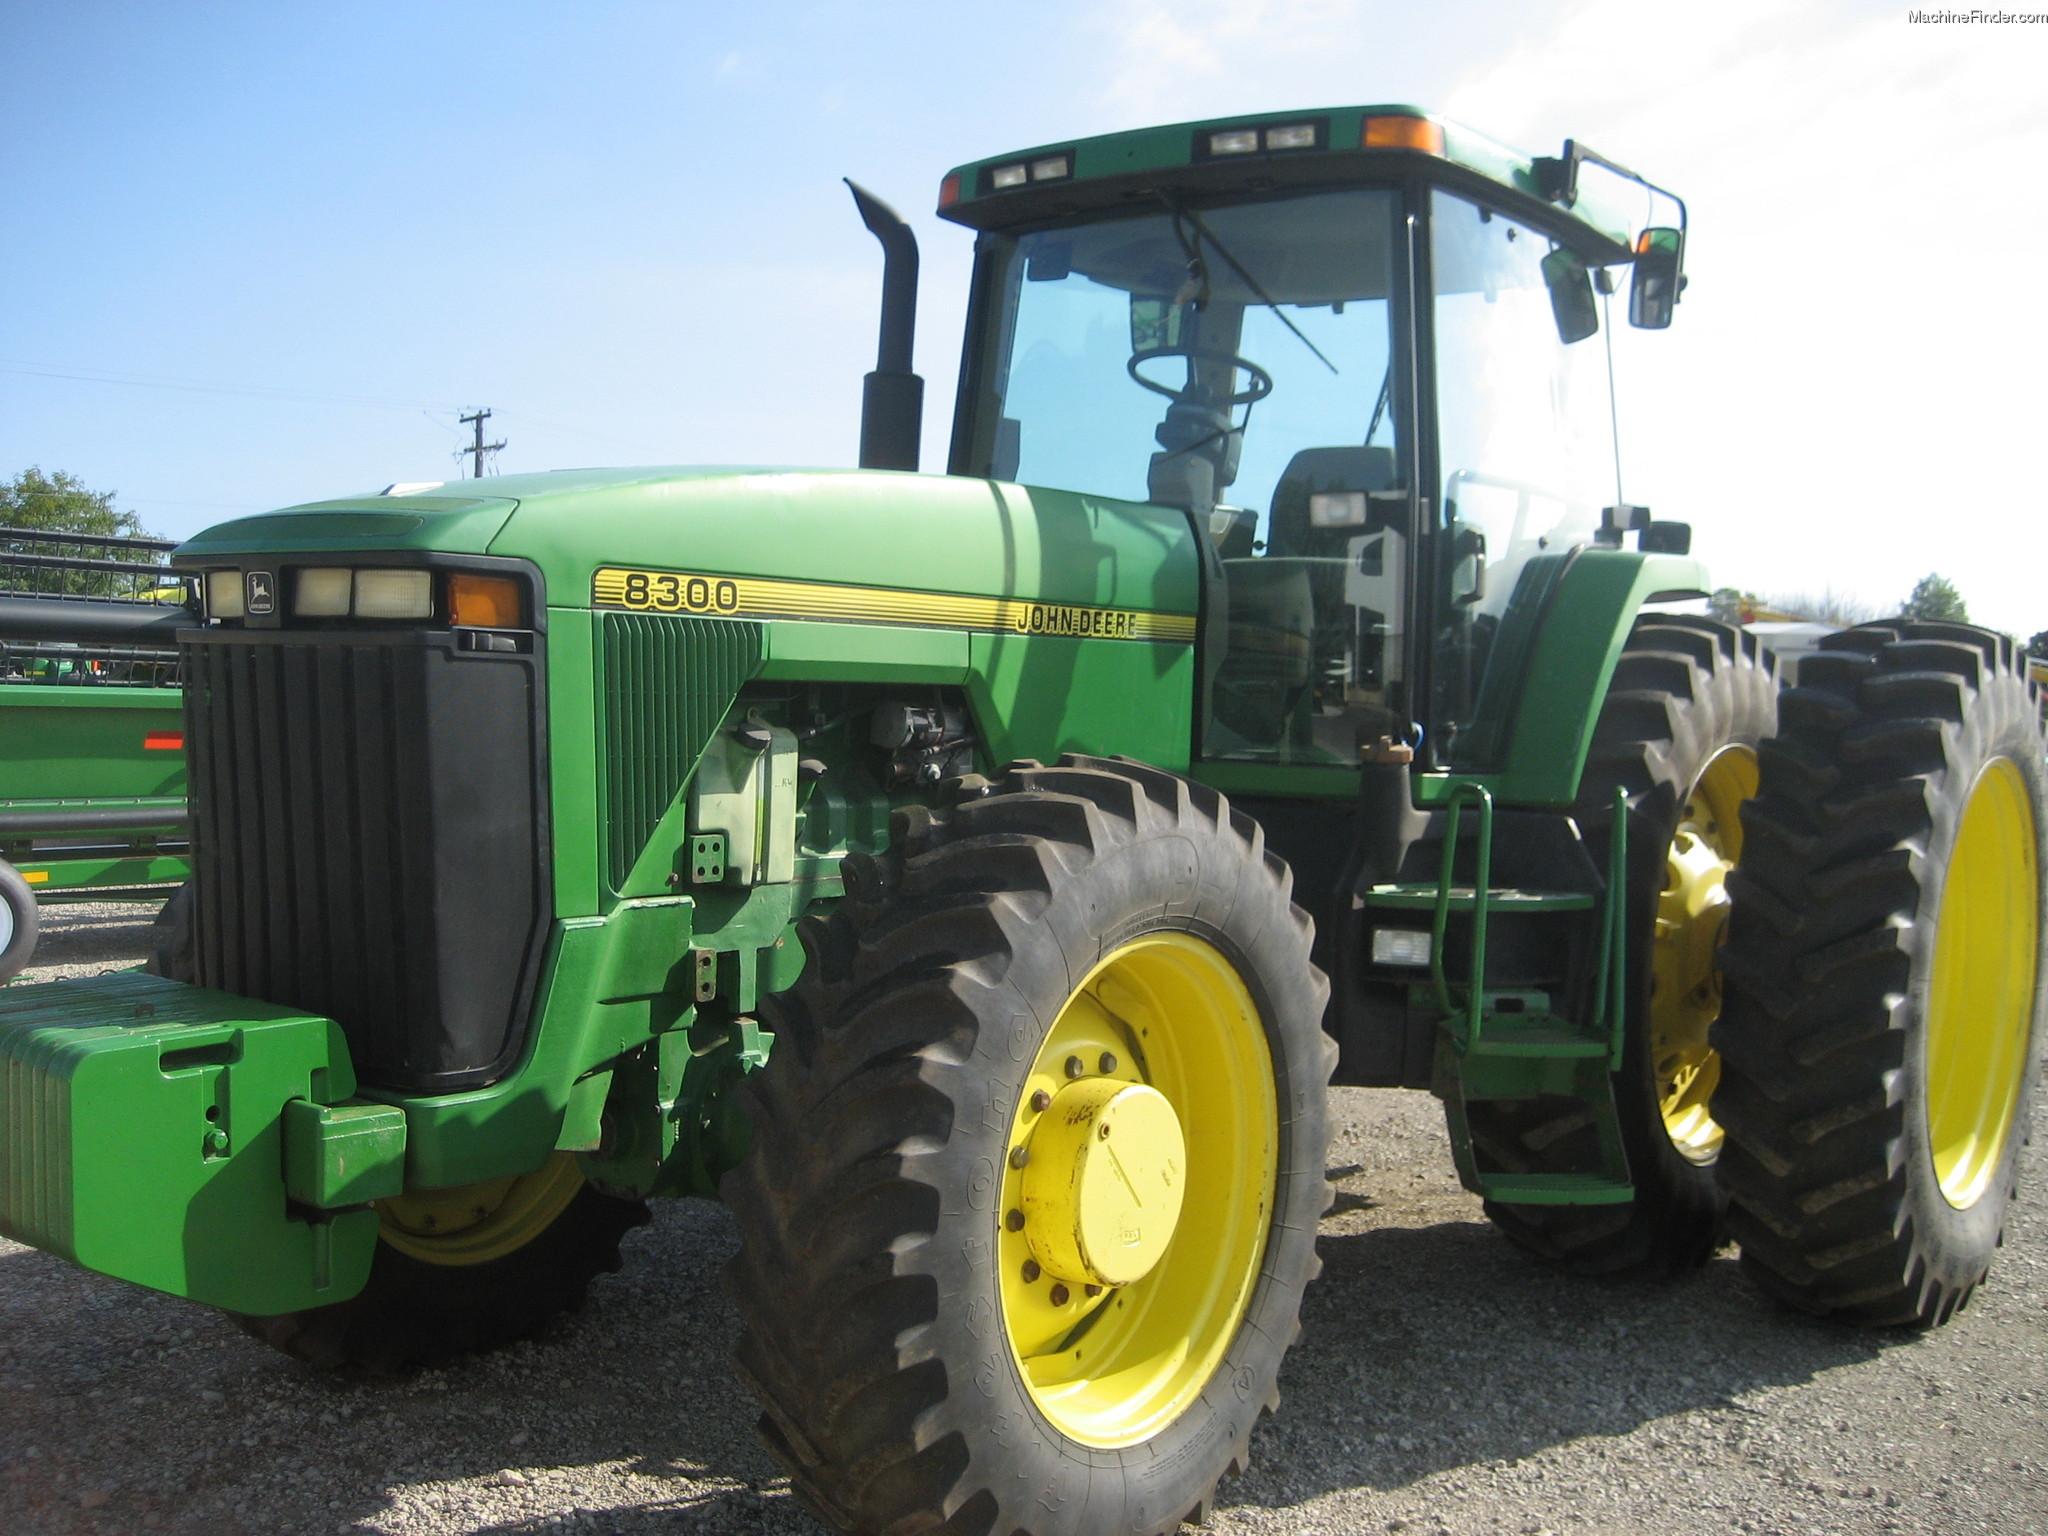 1996 John Deere 8300 Tractors - Row Crop (+100hp) - John ...